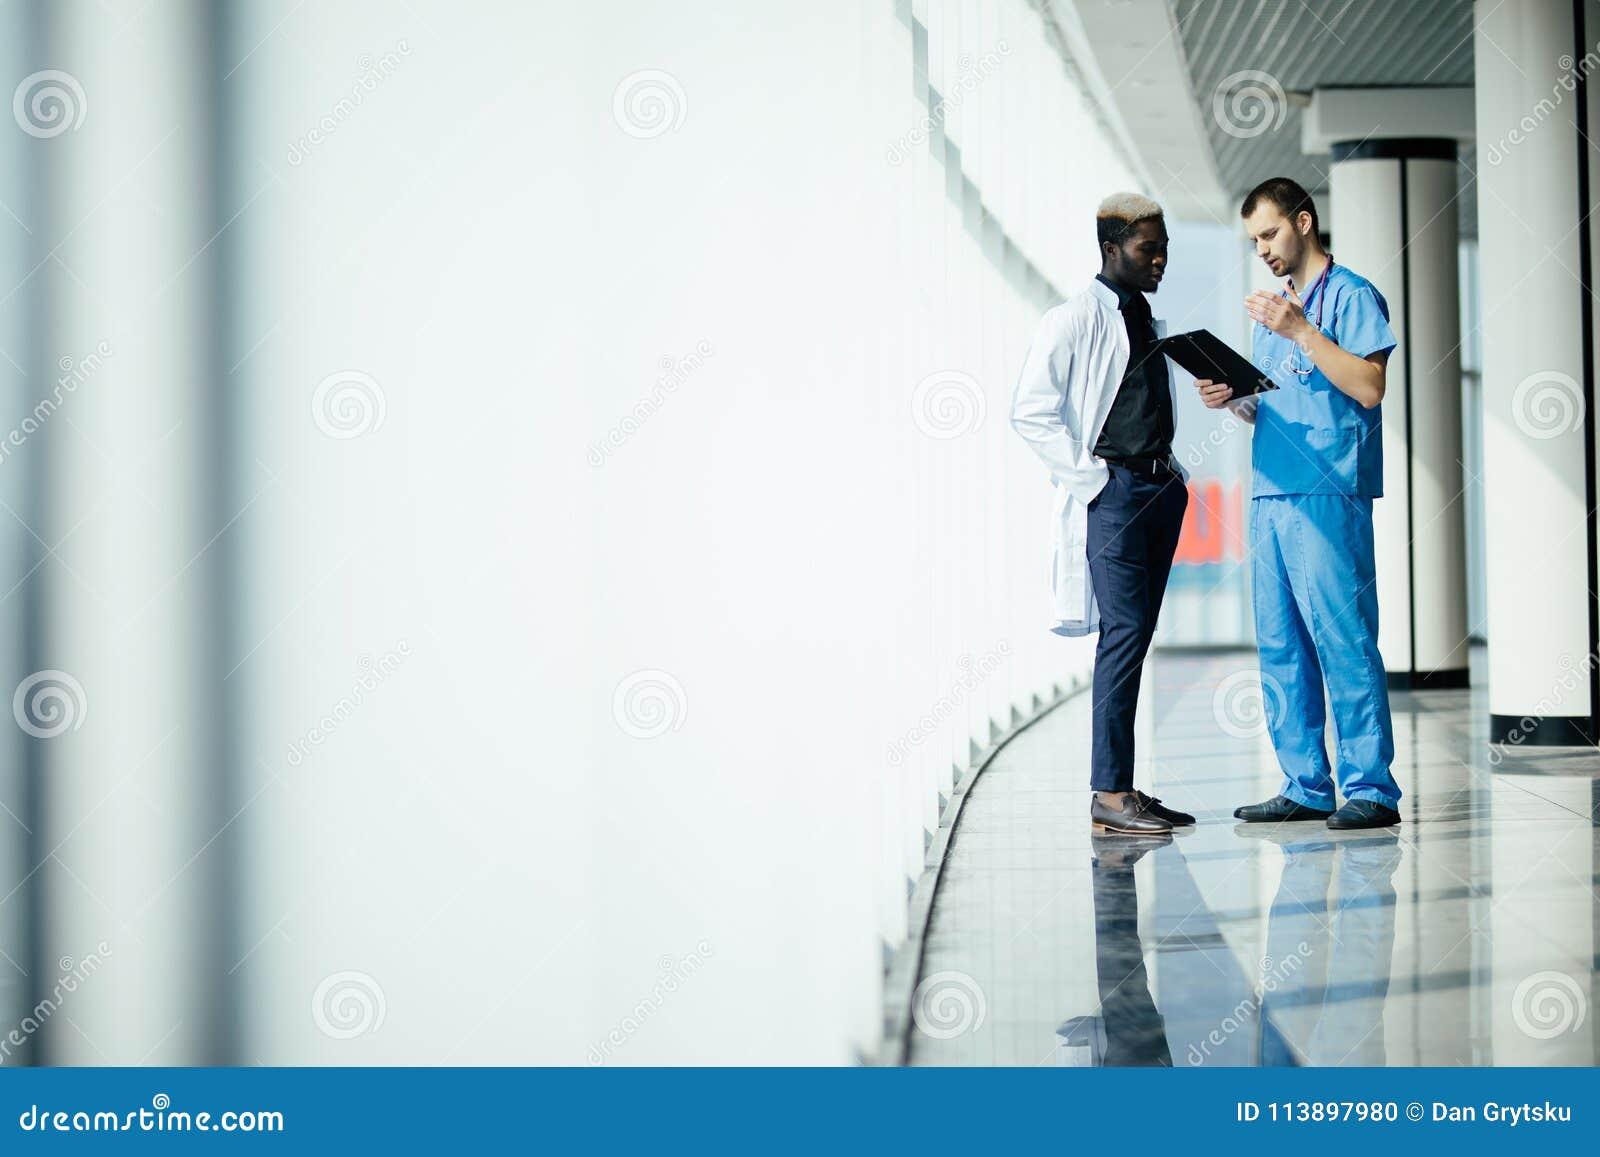 Ιατρικό multiethnic προσωπικό που διοργανώνει τη συζήτηση σε έναν διάδρομο νοσοκομείων Δύο γιατροί που εργάζονται σε μια ιατρική